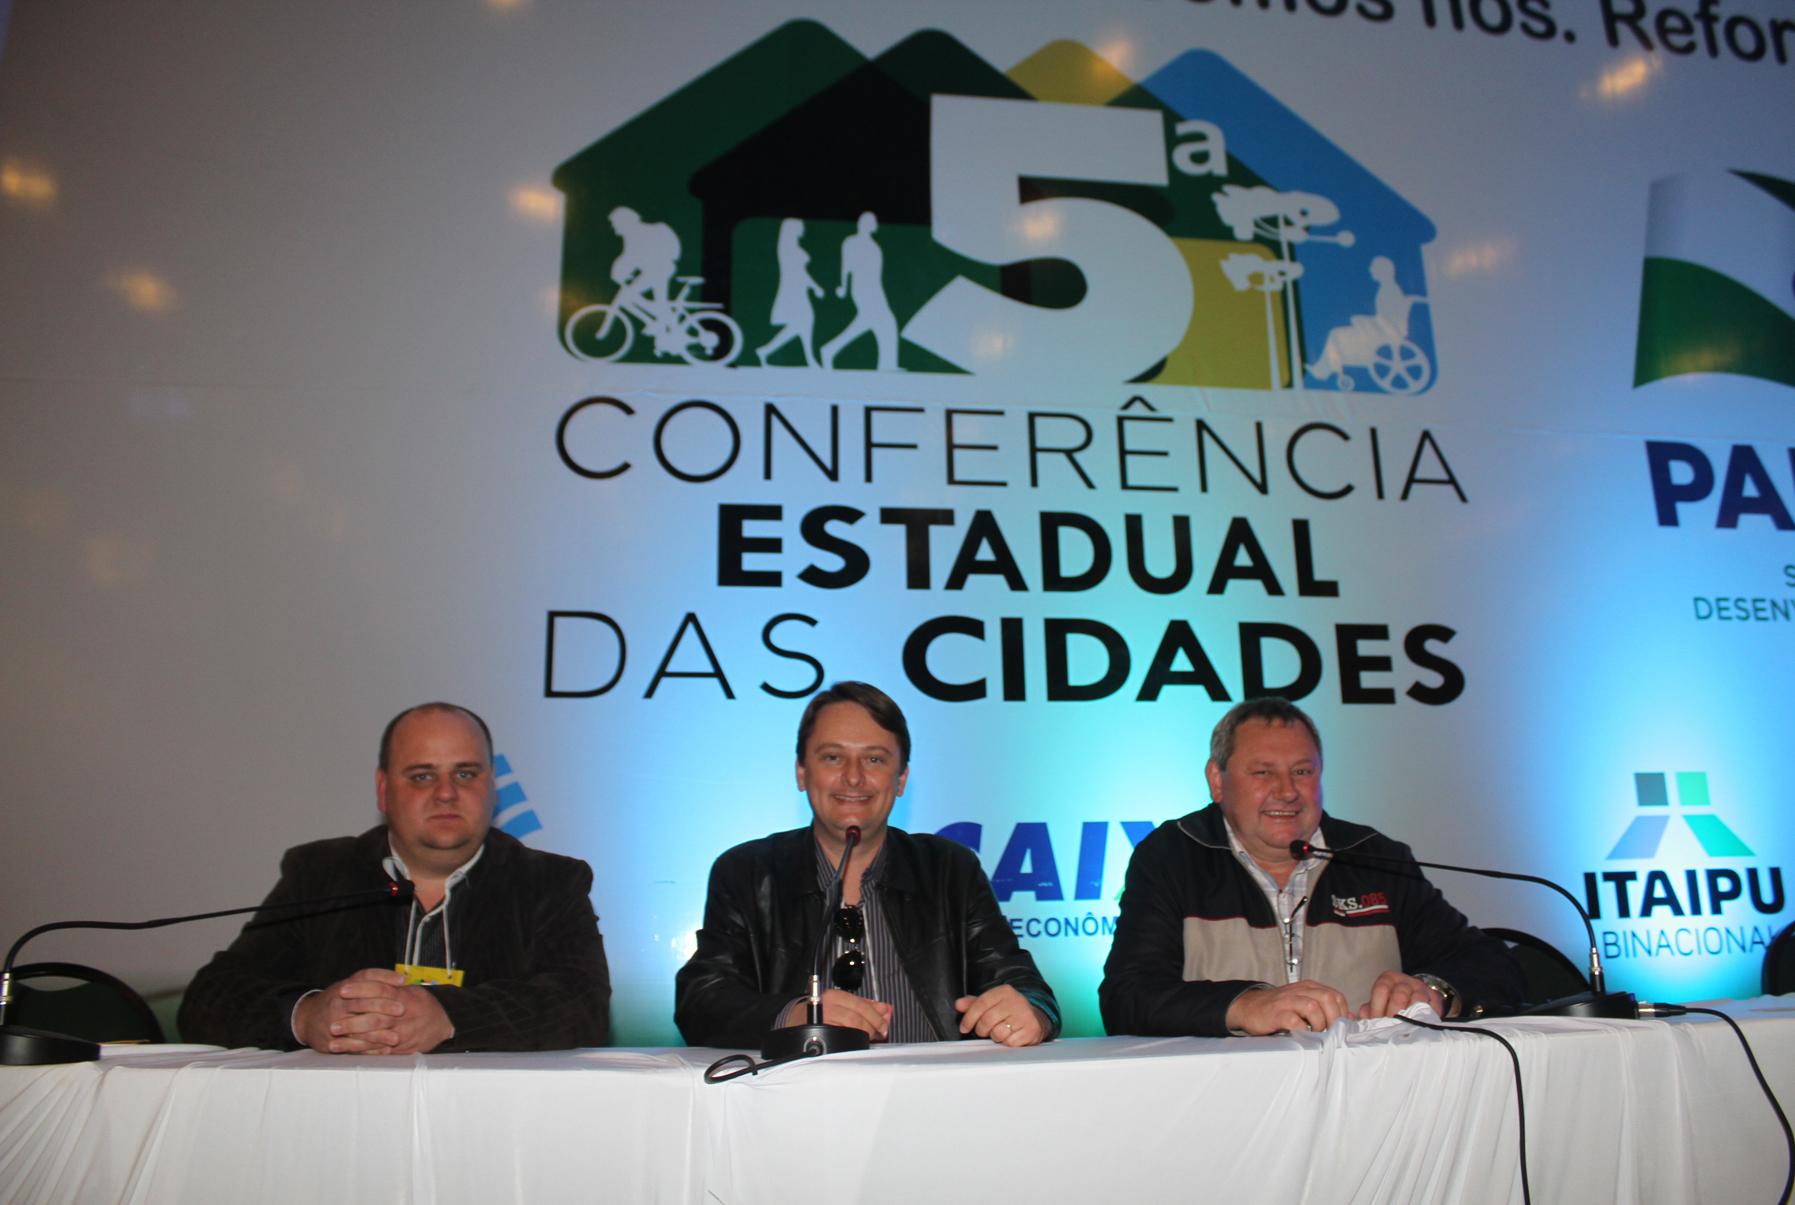 Marcos Lachovicz, Luciano Antonio e Jos� Petez, representaram o Poder Legislativo na Confer�ncia Estadual, em Foz do Igua�u